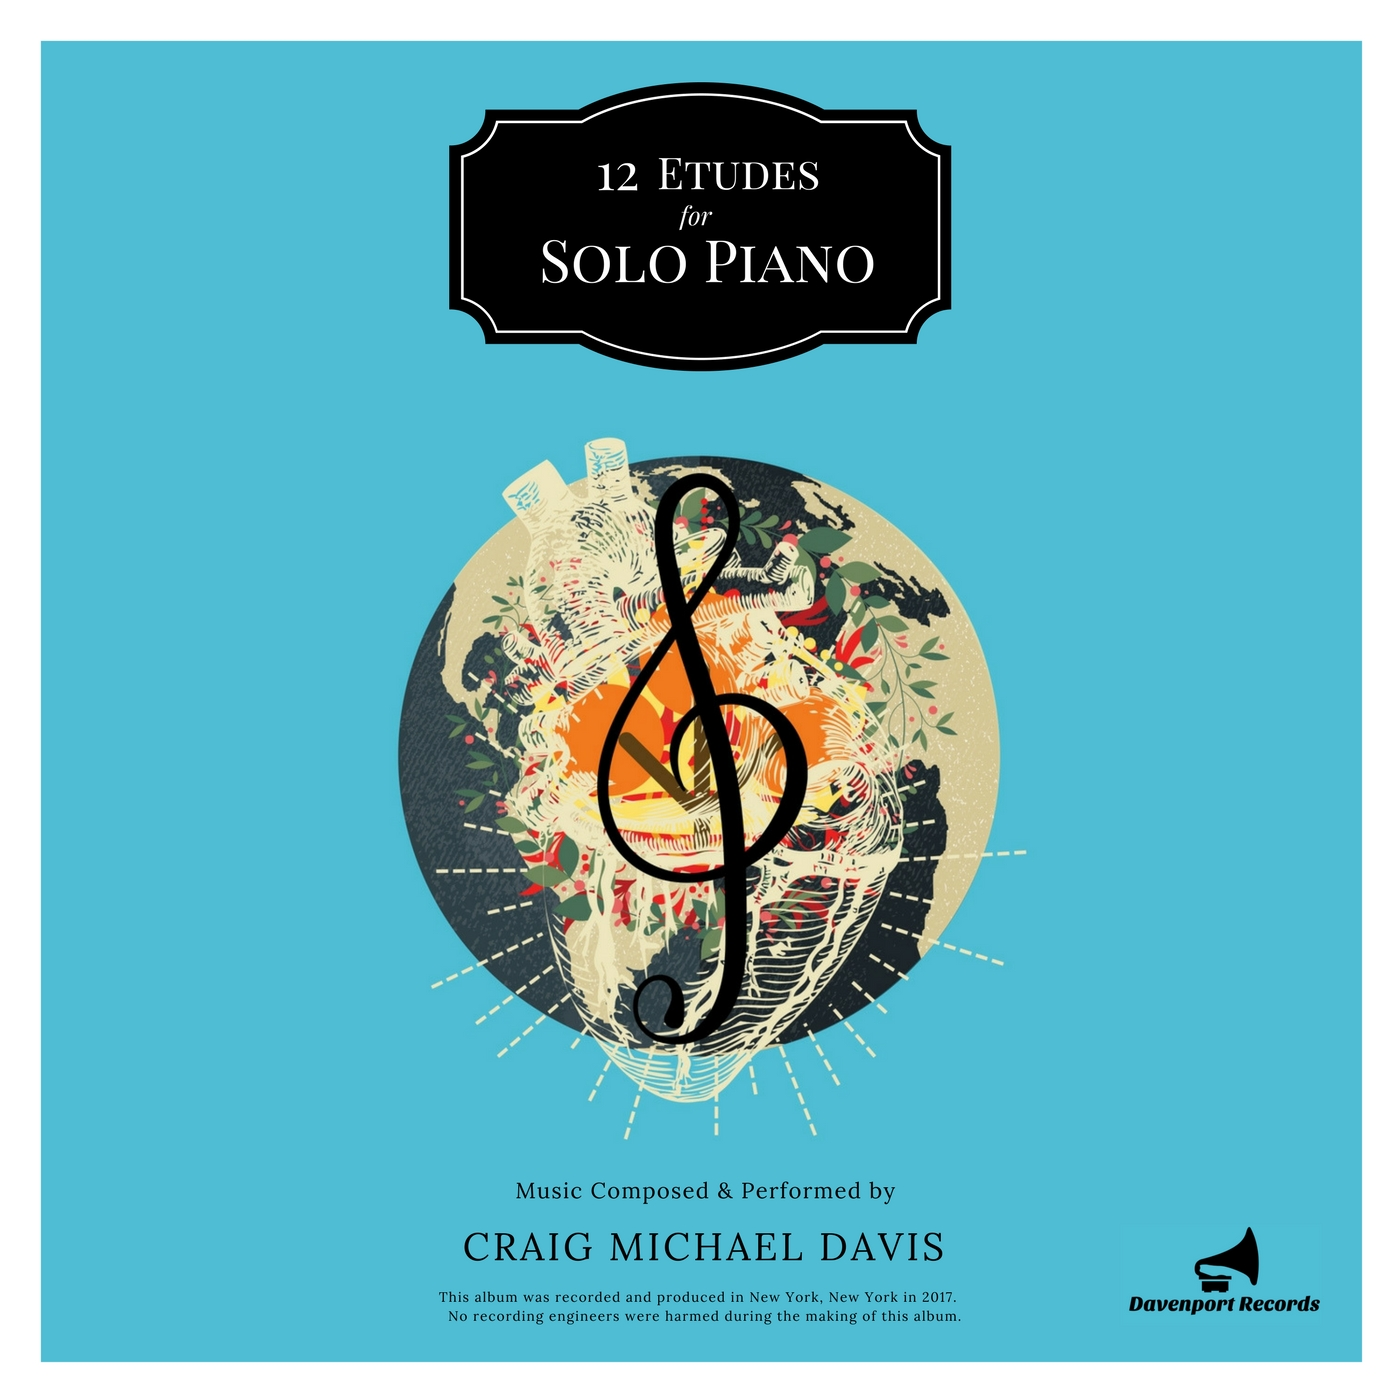 12 ETUDES for Solo Piano